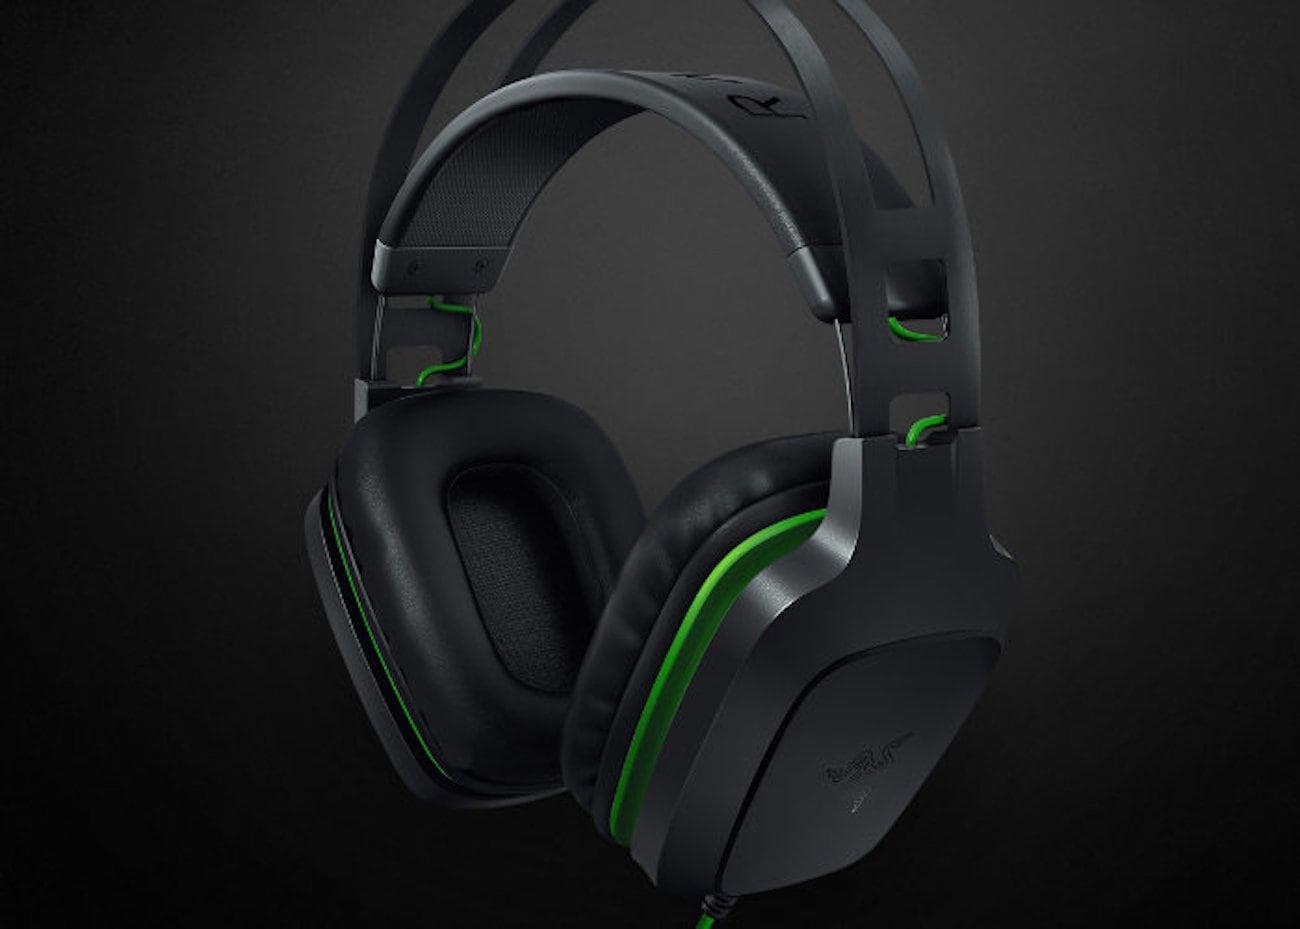 Razer Electra V2 Gaming Headset